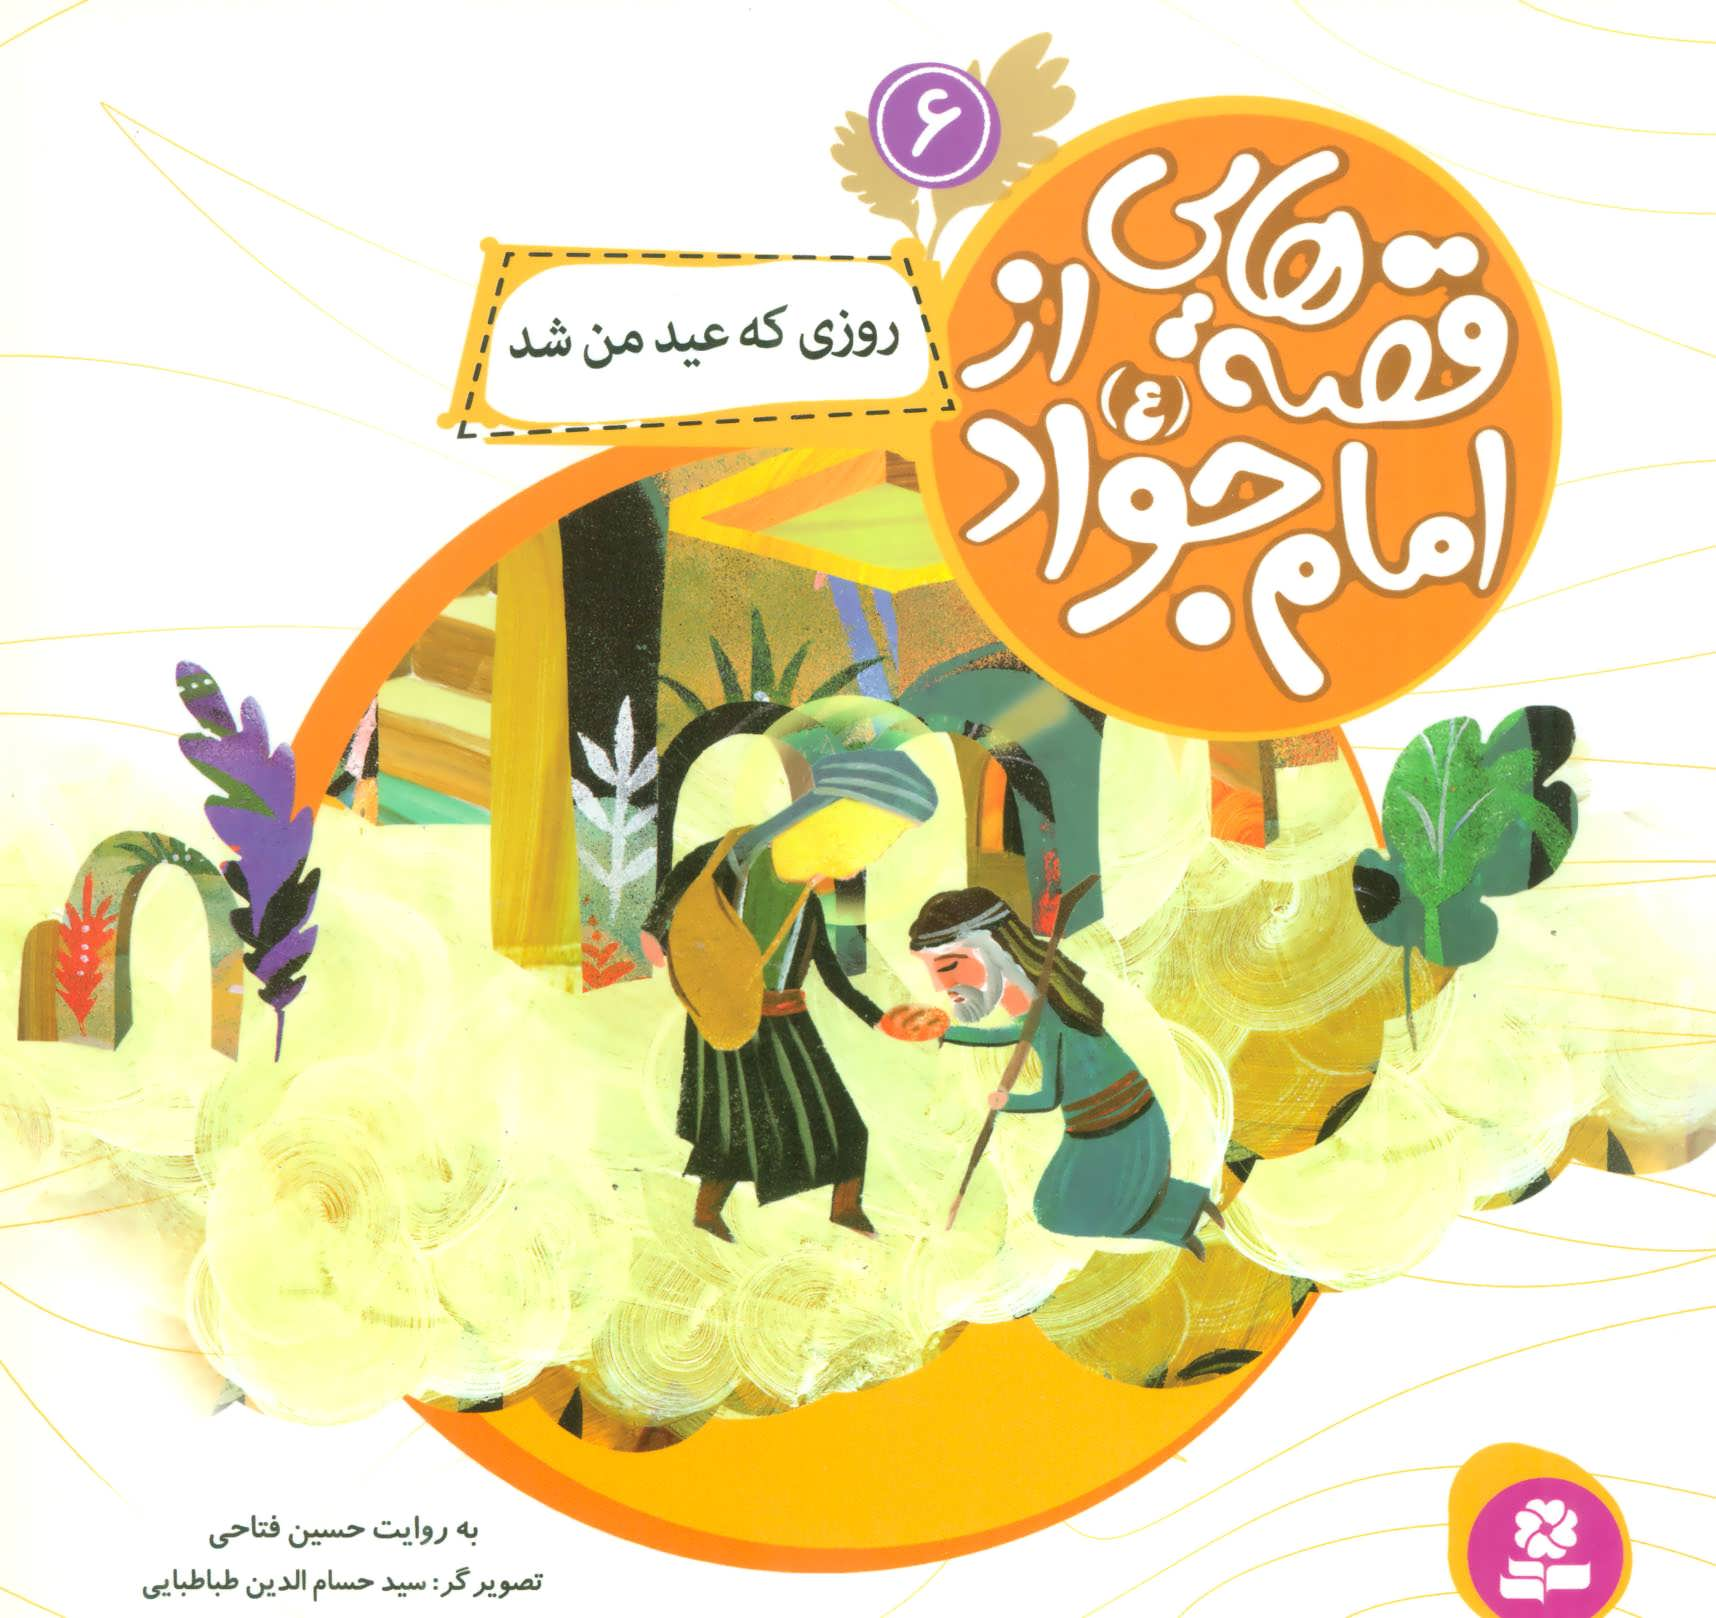 قصه هایی از امام جواد (ع) 6 (روزی که عید من شد)،(گلاسه)